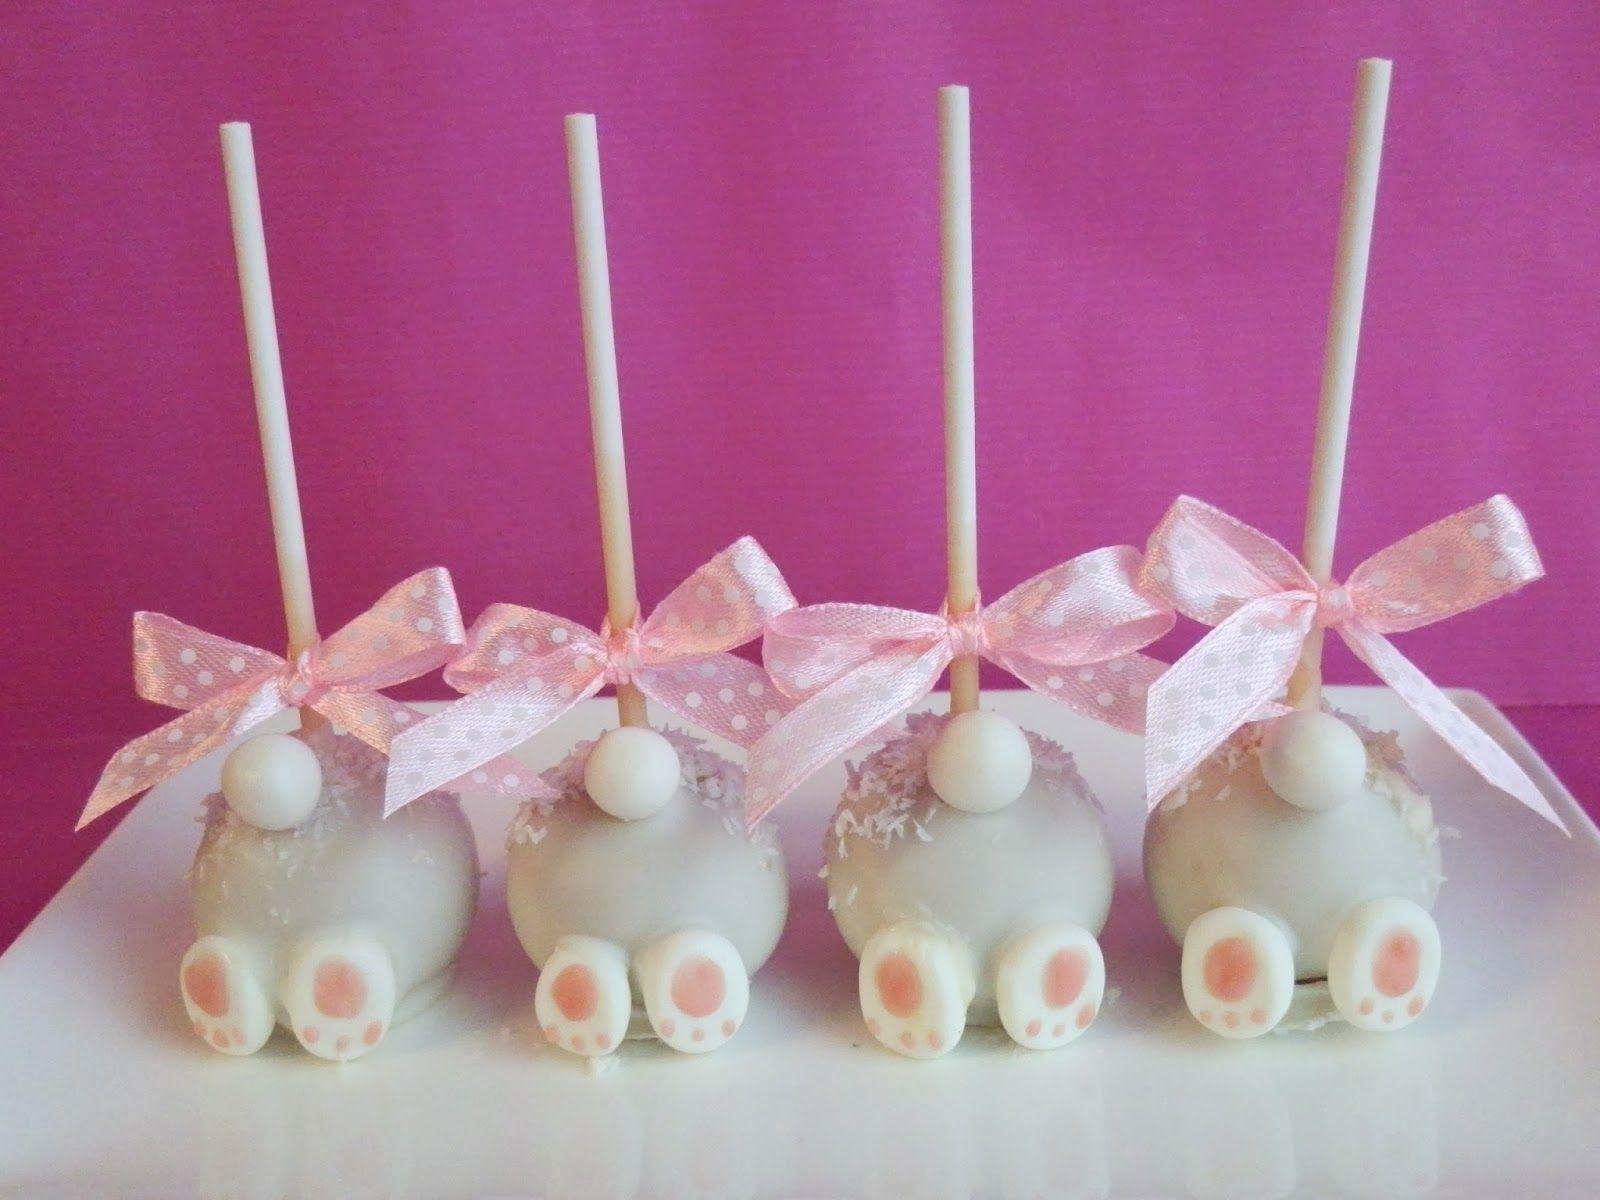 Bottoms Up Bunny Cakepops By Cakepopsecia Blogspot Cake Pop